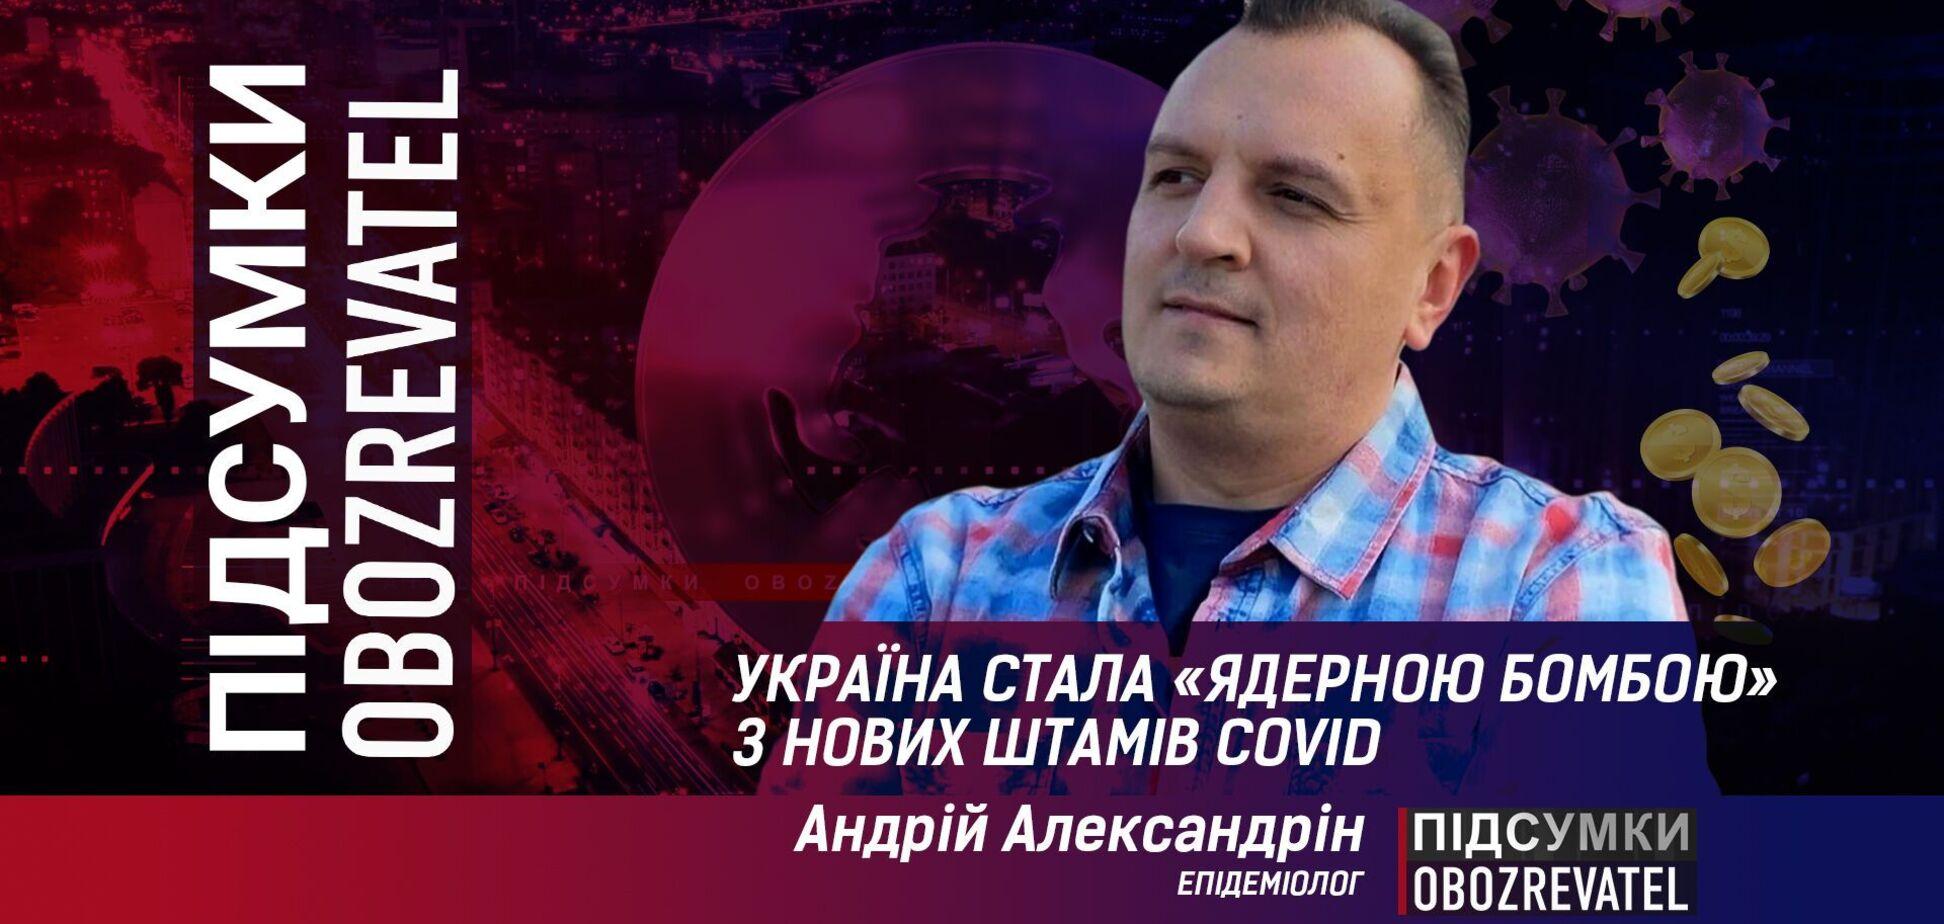 Александрин: Украина стала 'ядерной бомбой' по COVID